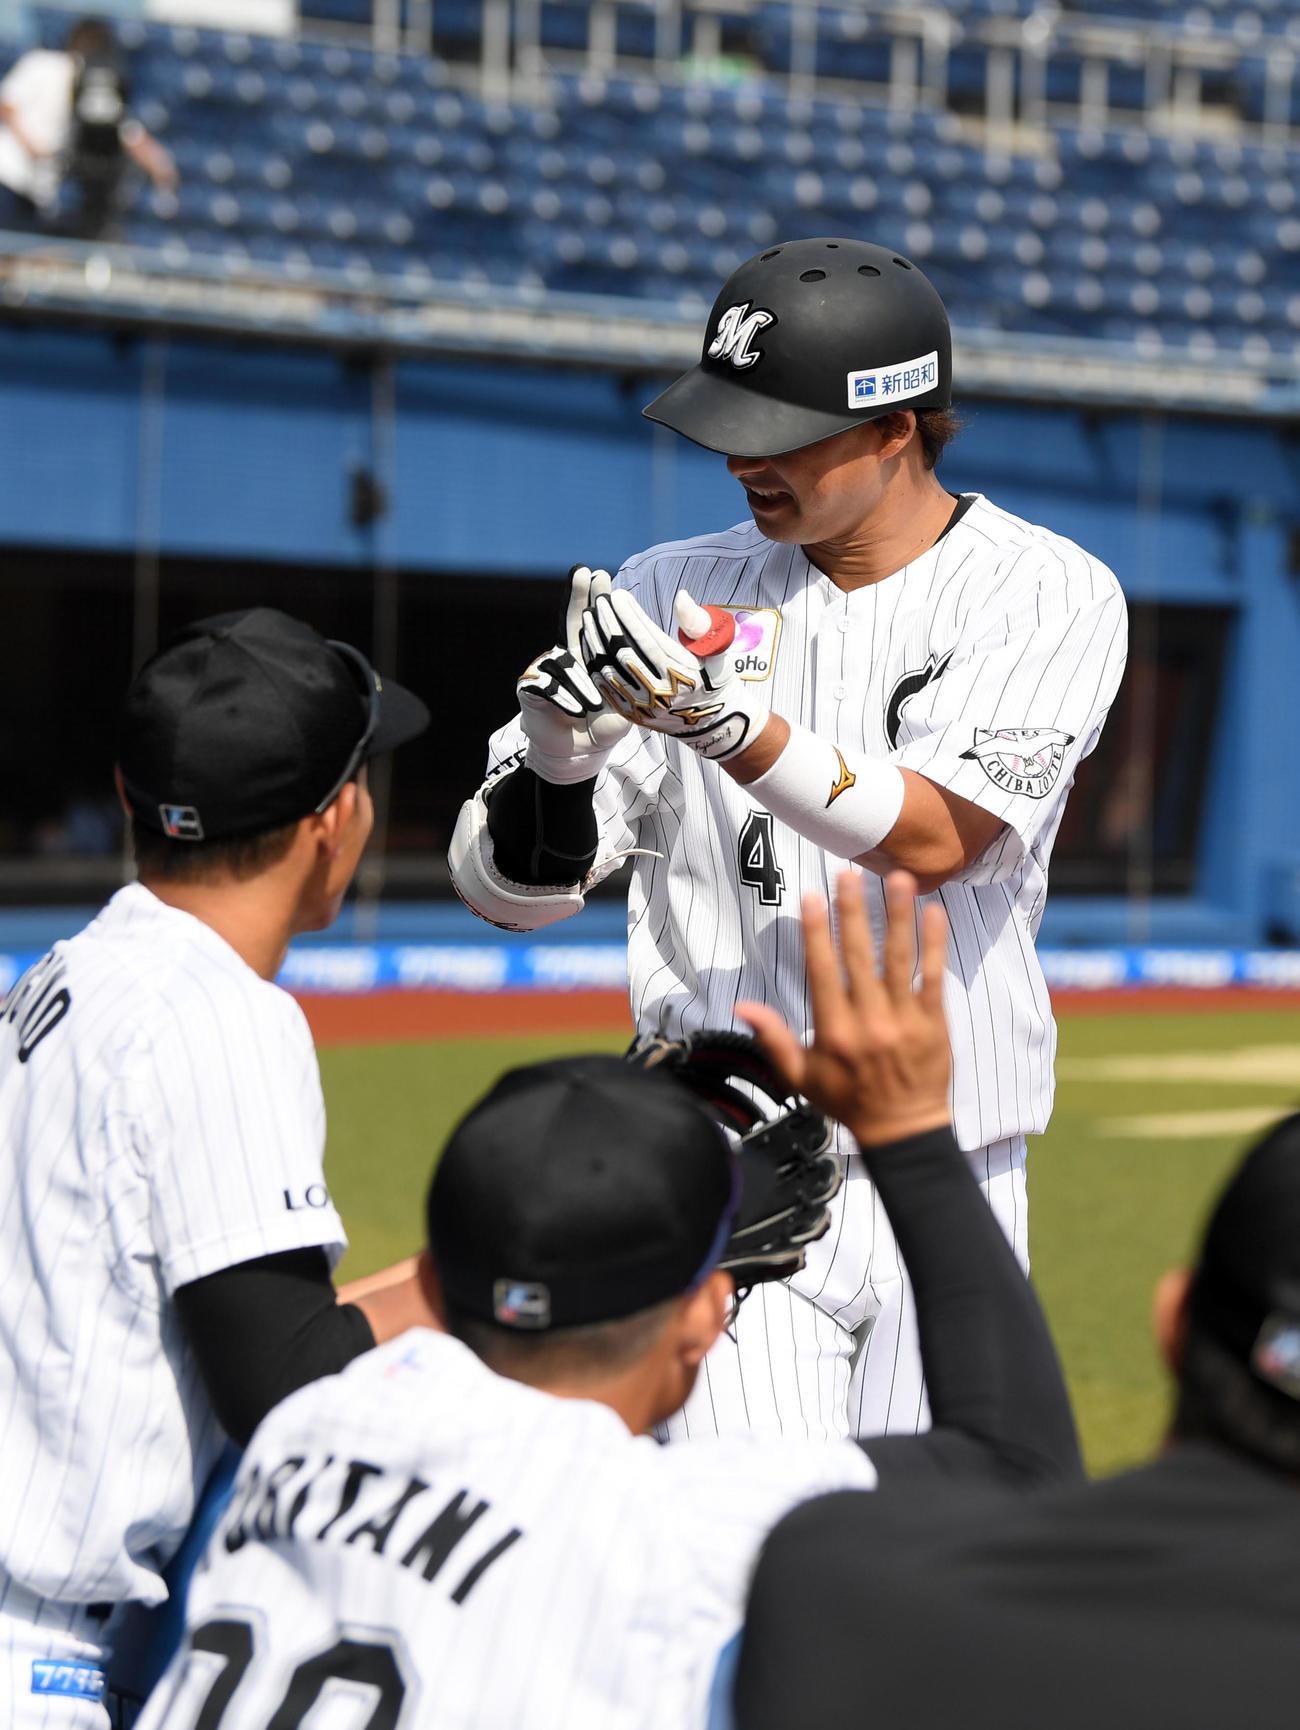 練習試合 ロッテ対日本ハム 7回裏ロッテ1死一塁、右越え2点本塁打を放ちスシポーズをする藤岡(撮影・横山健太)